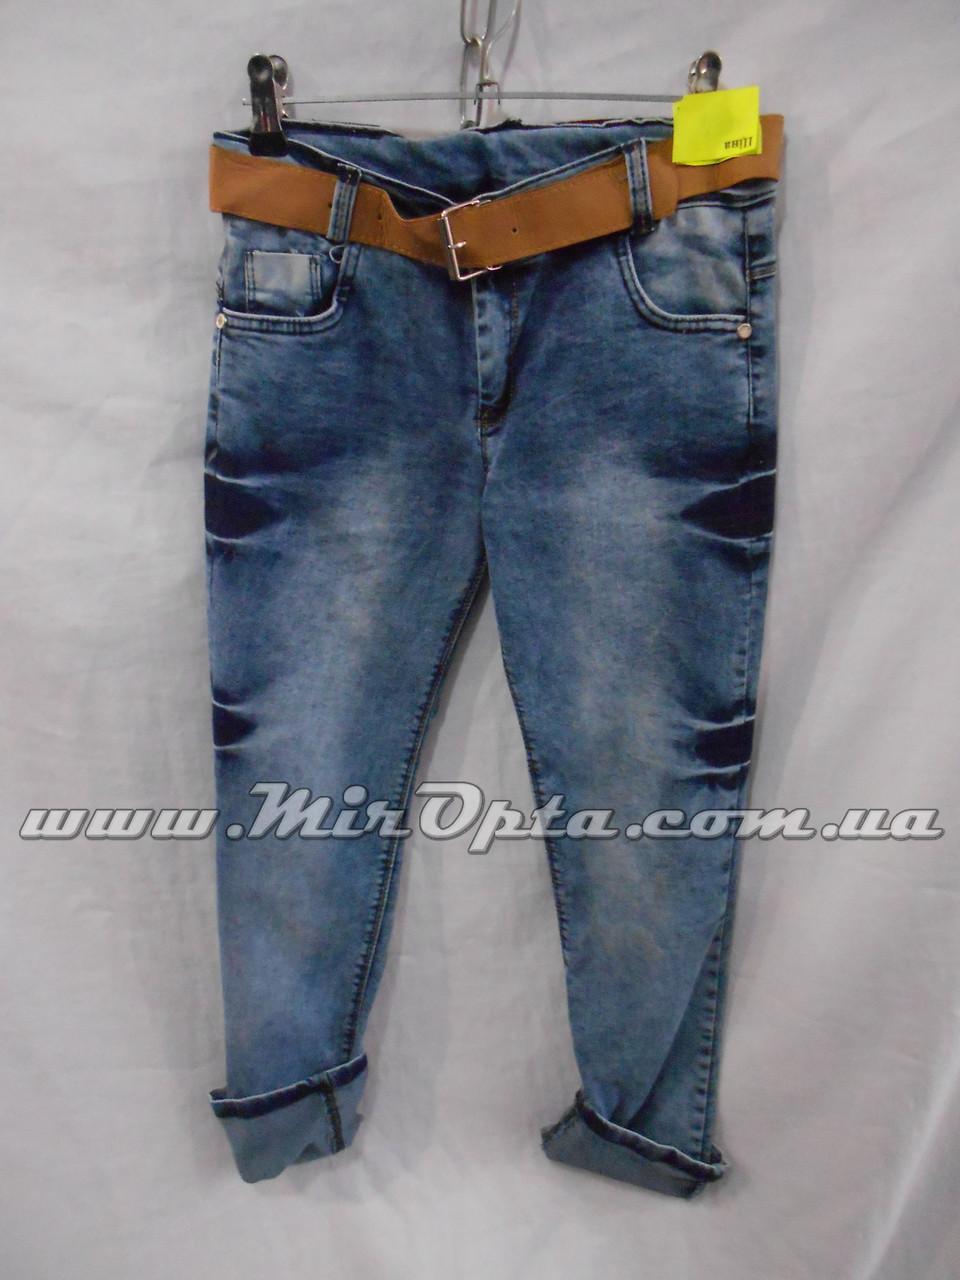 87808ac980f Детские джинсы для мальчика (8 - 12 лет) купить оптом со склада в Одессе